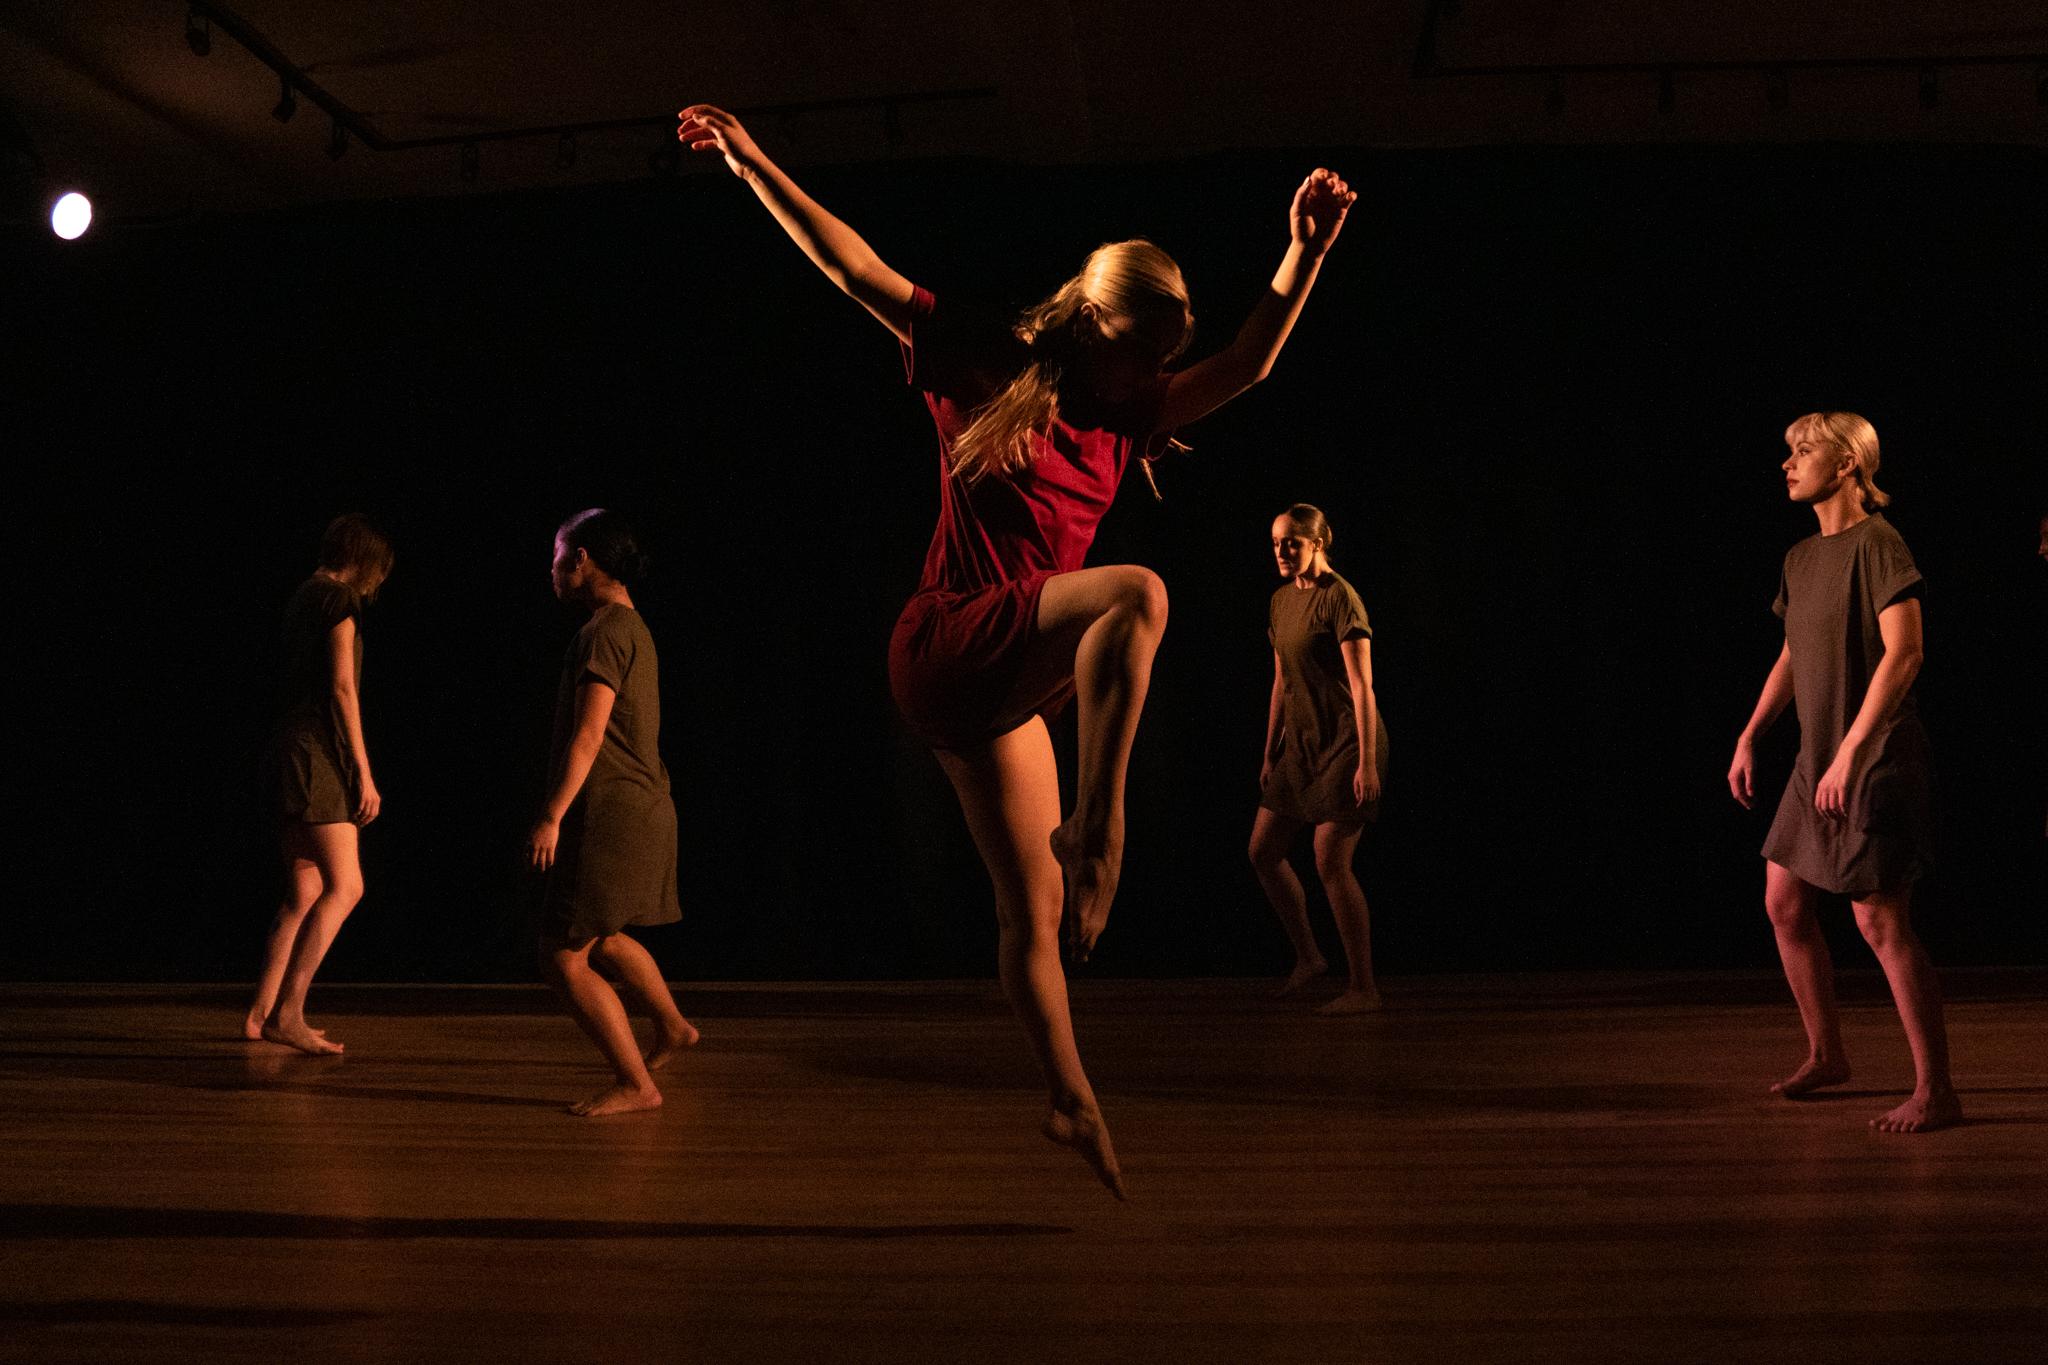 Sam Lobel Choreography